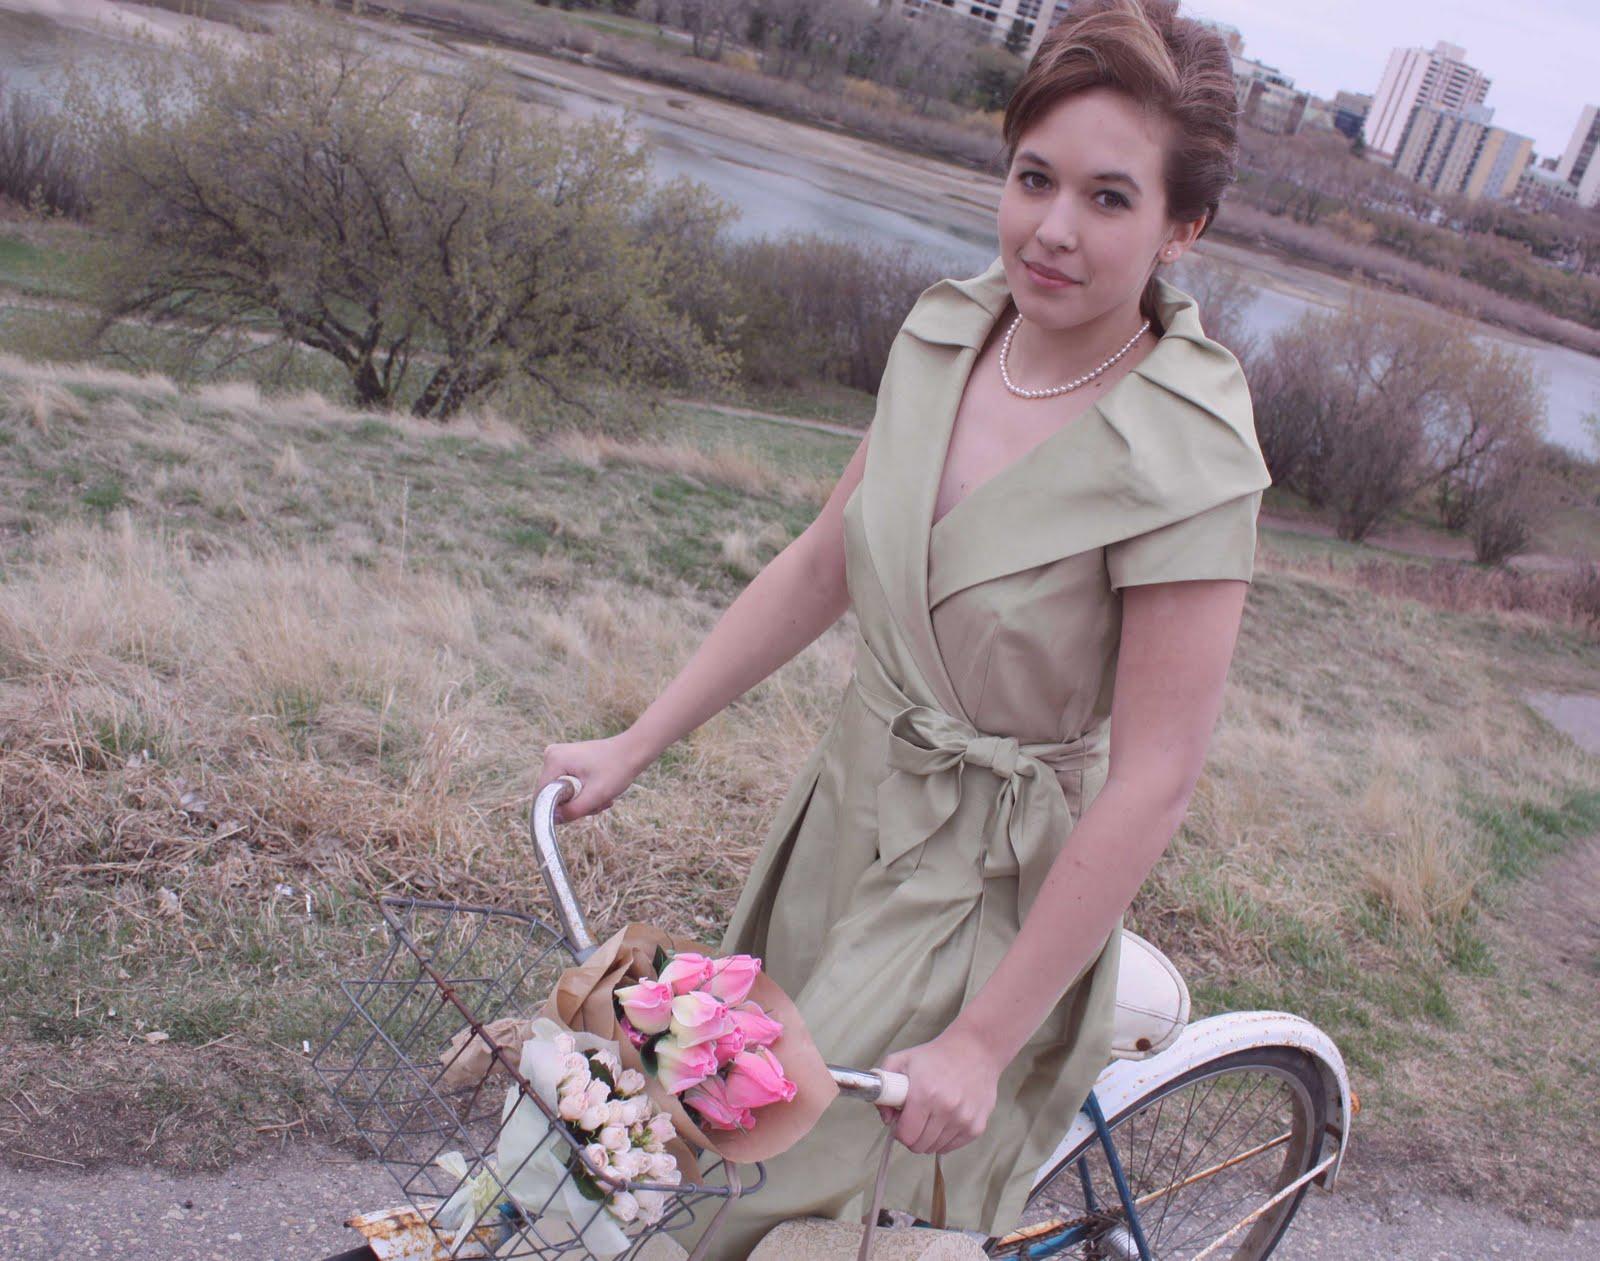 http://1.bp.blogspot.com/_KuaAihD4oVk/S9lMqNKp9xI/AAAAAAAAMmU/hiJ-YOkDwSc/s1600/IMG_5928.jpg